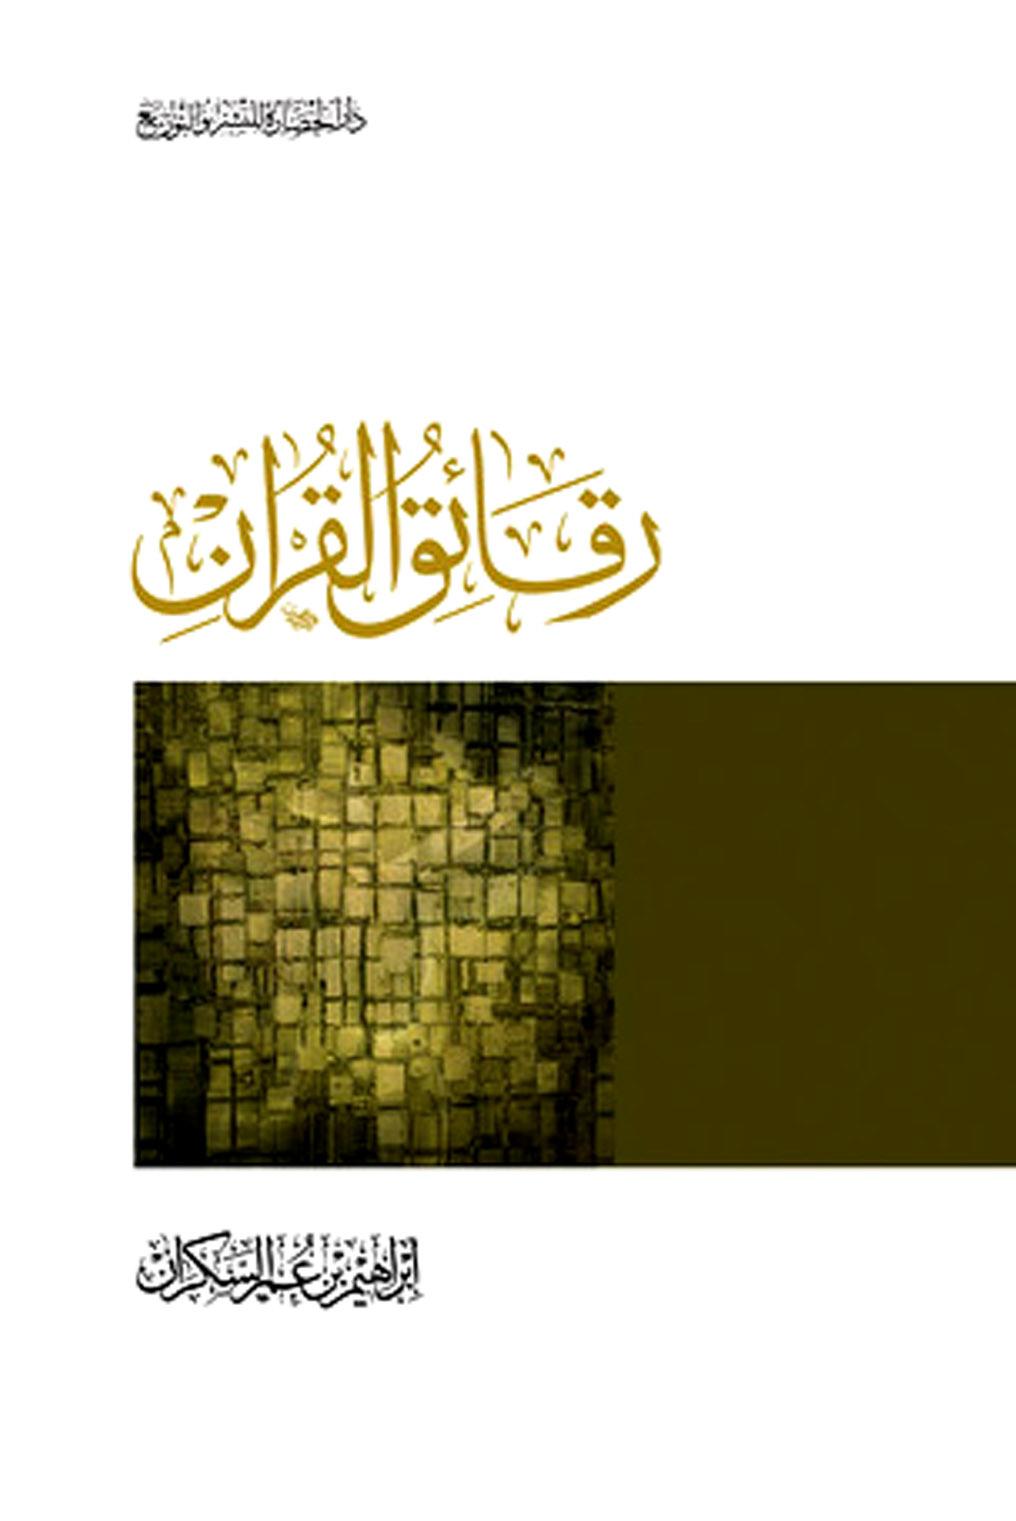 تحميل كتاب رقائق القرآن لـِ: الشيخ إبراهيم بن عمر السكران